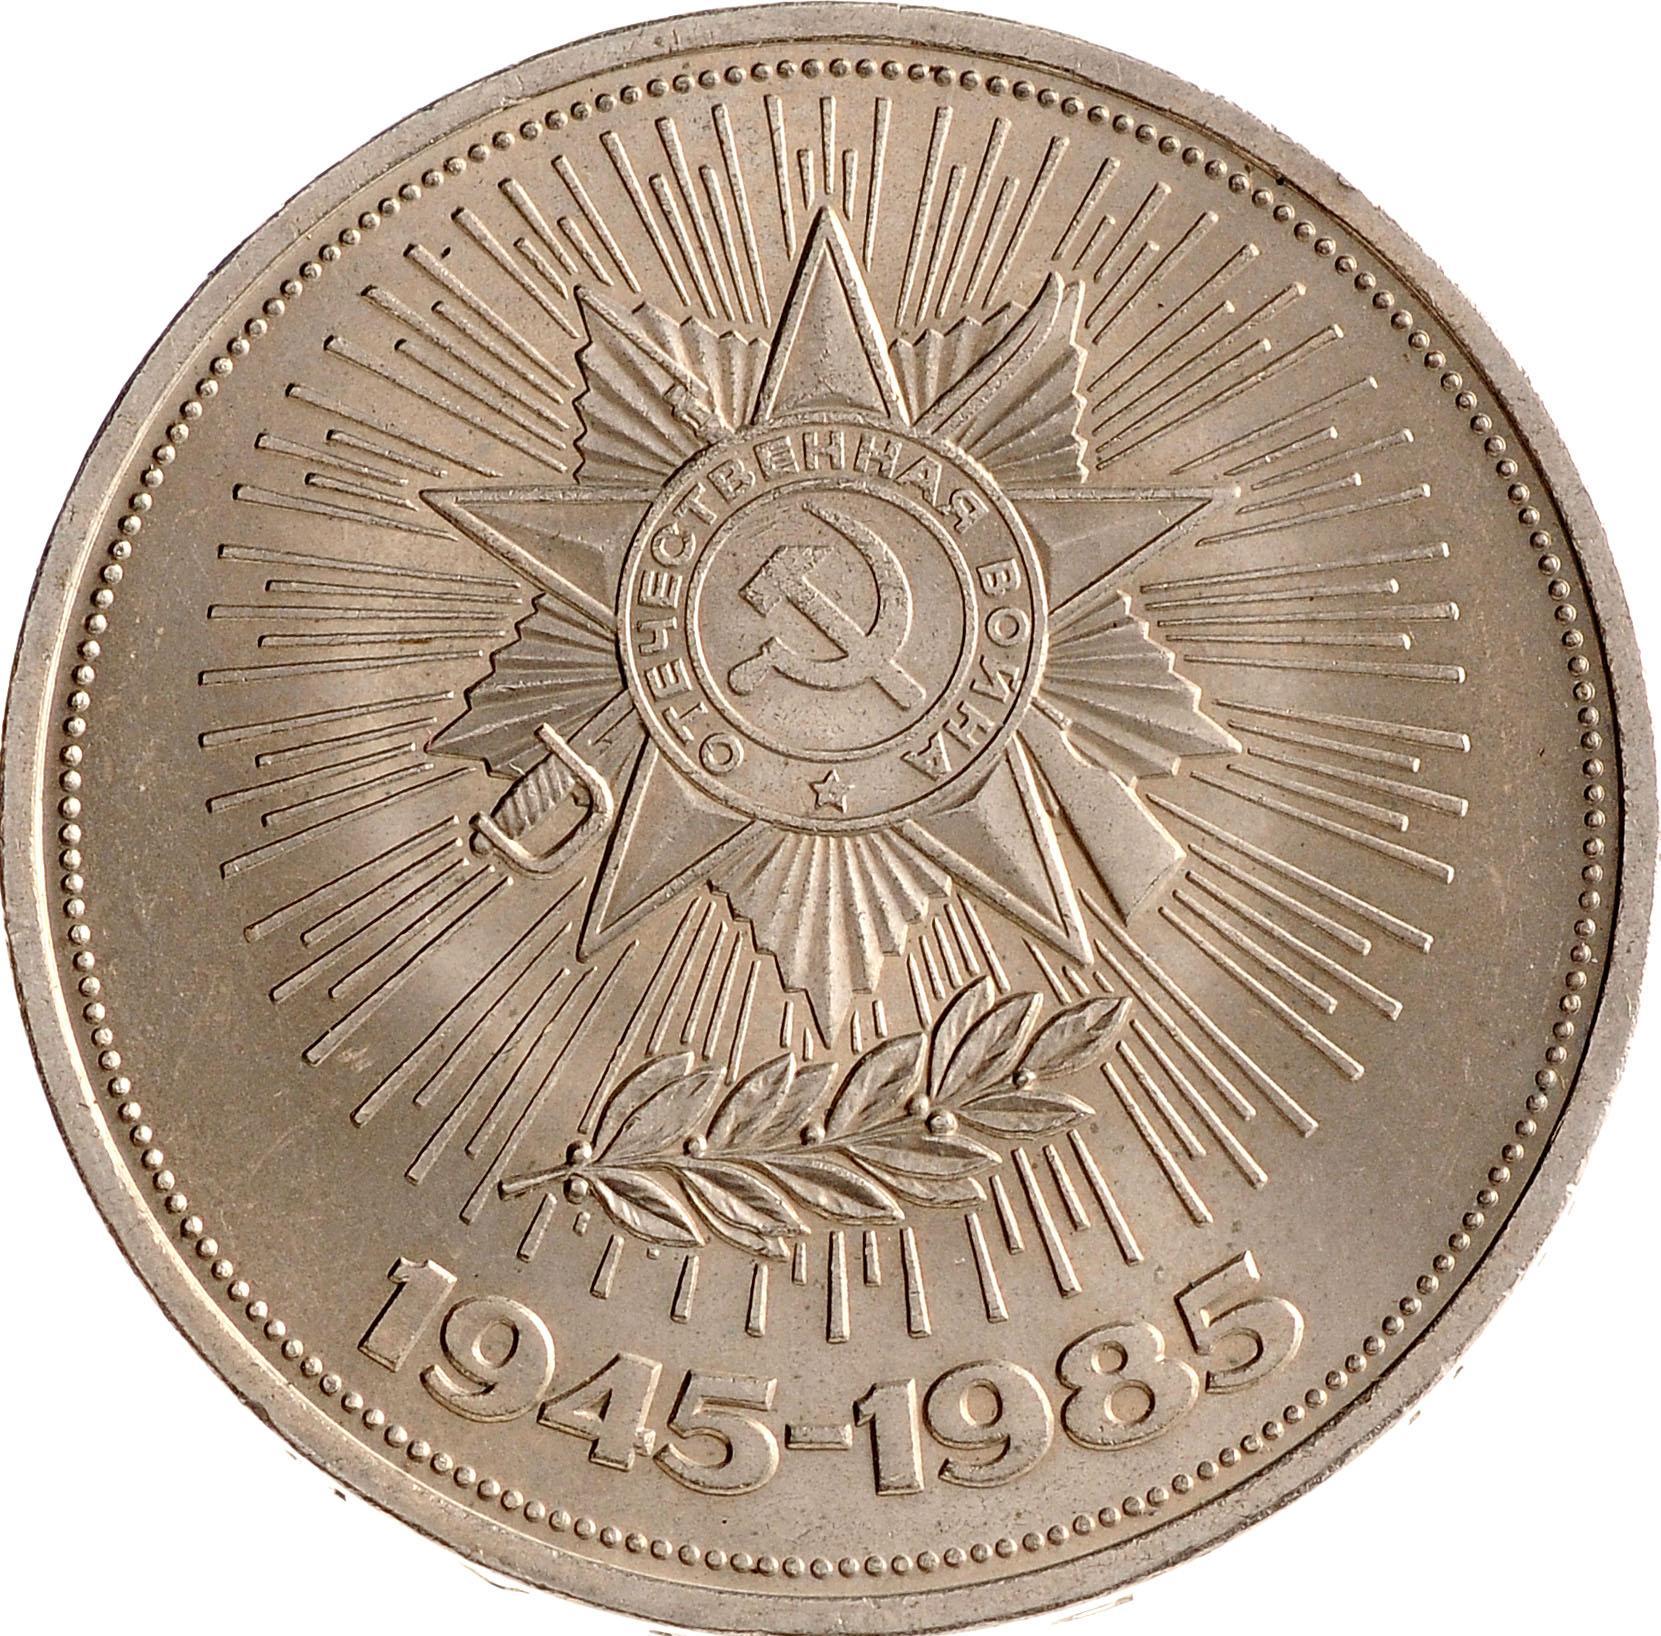 Дешевые медные монеты купить 1992 год россия или ссср